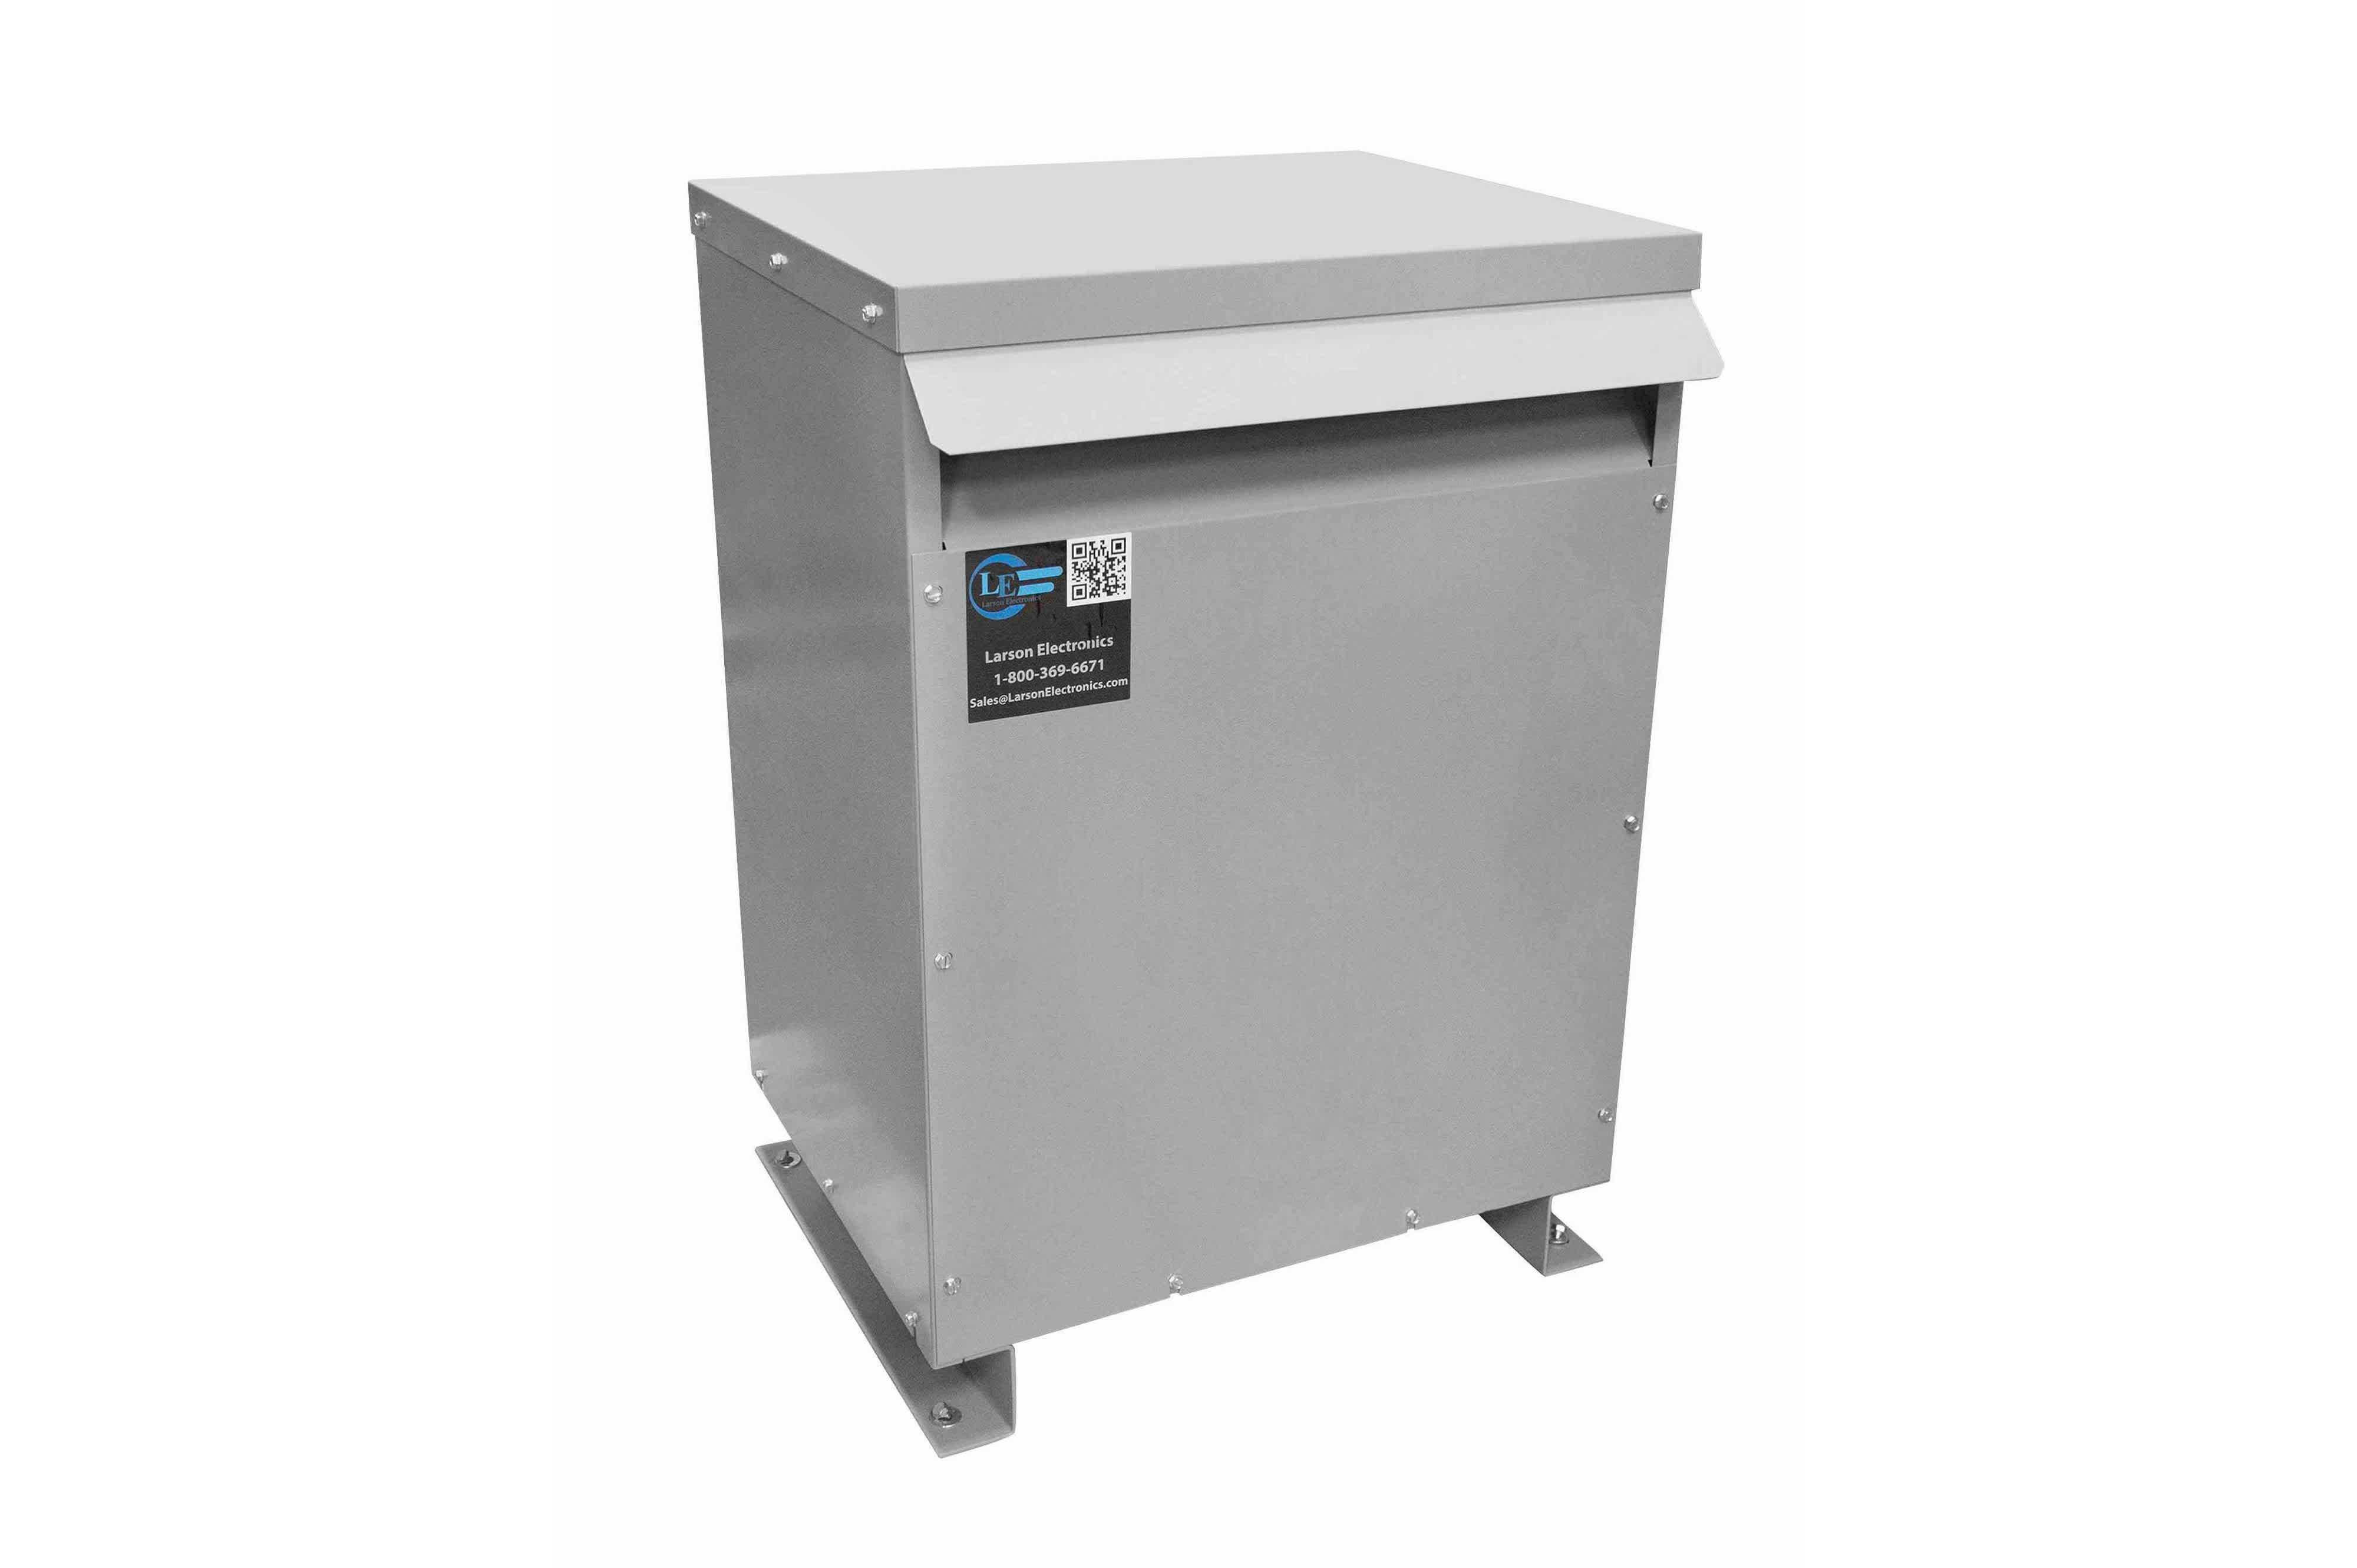 900 kVA 3PH Isolation Transformer, 415V Delta Primary, 600V Delta Secondary, N3R, Ventilated, 60 Hz